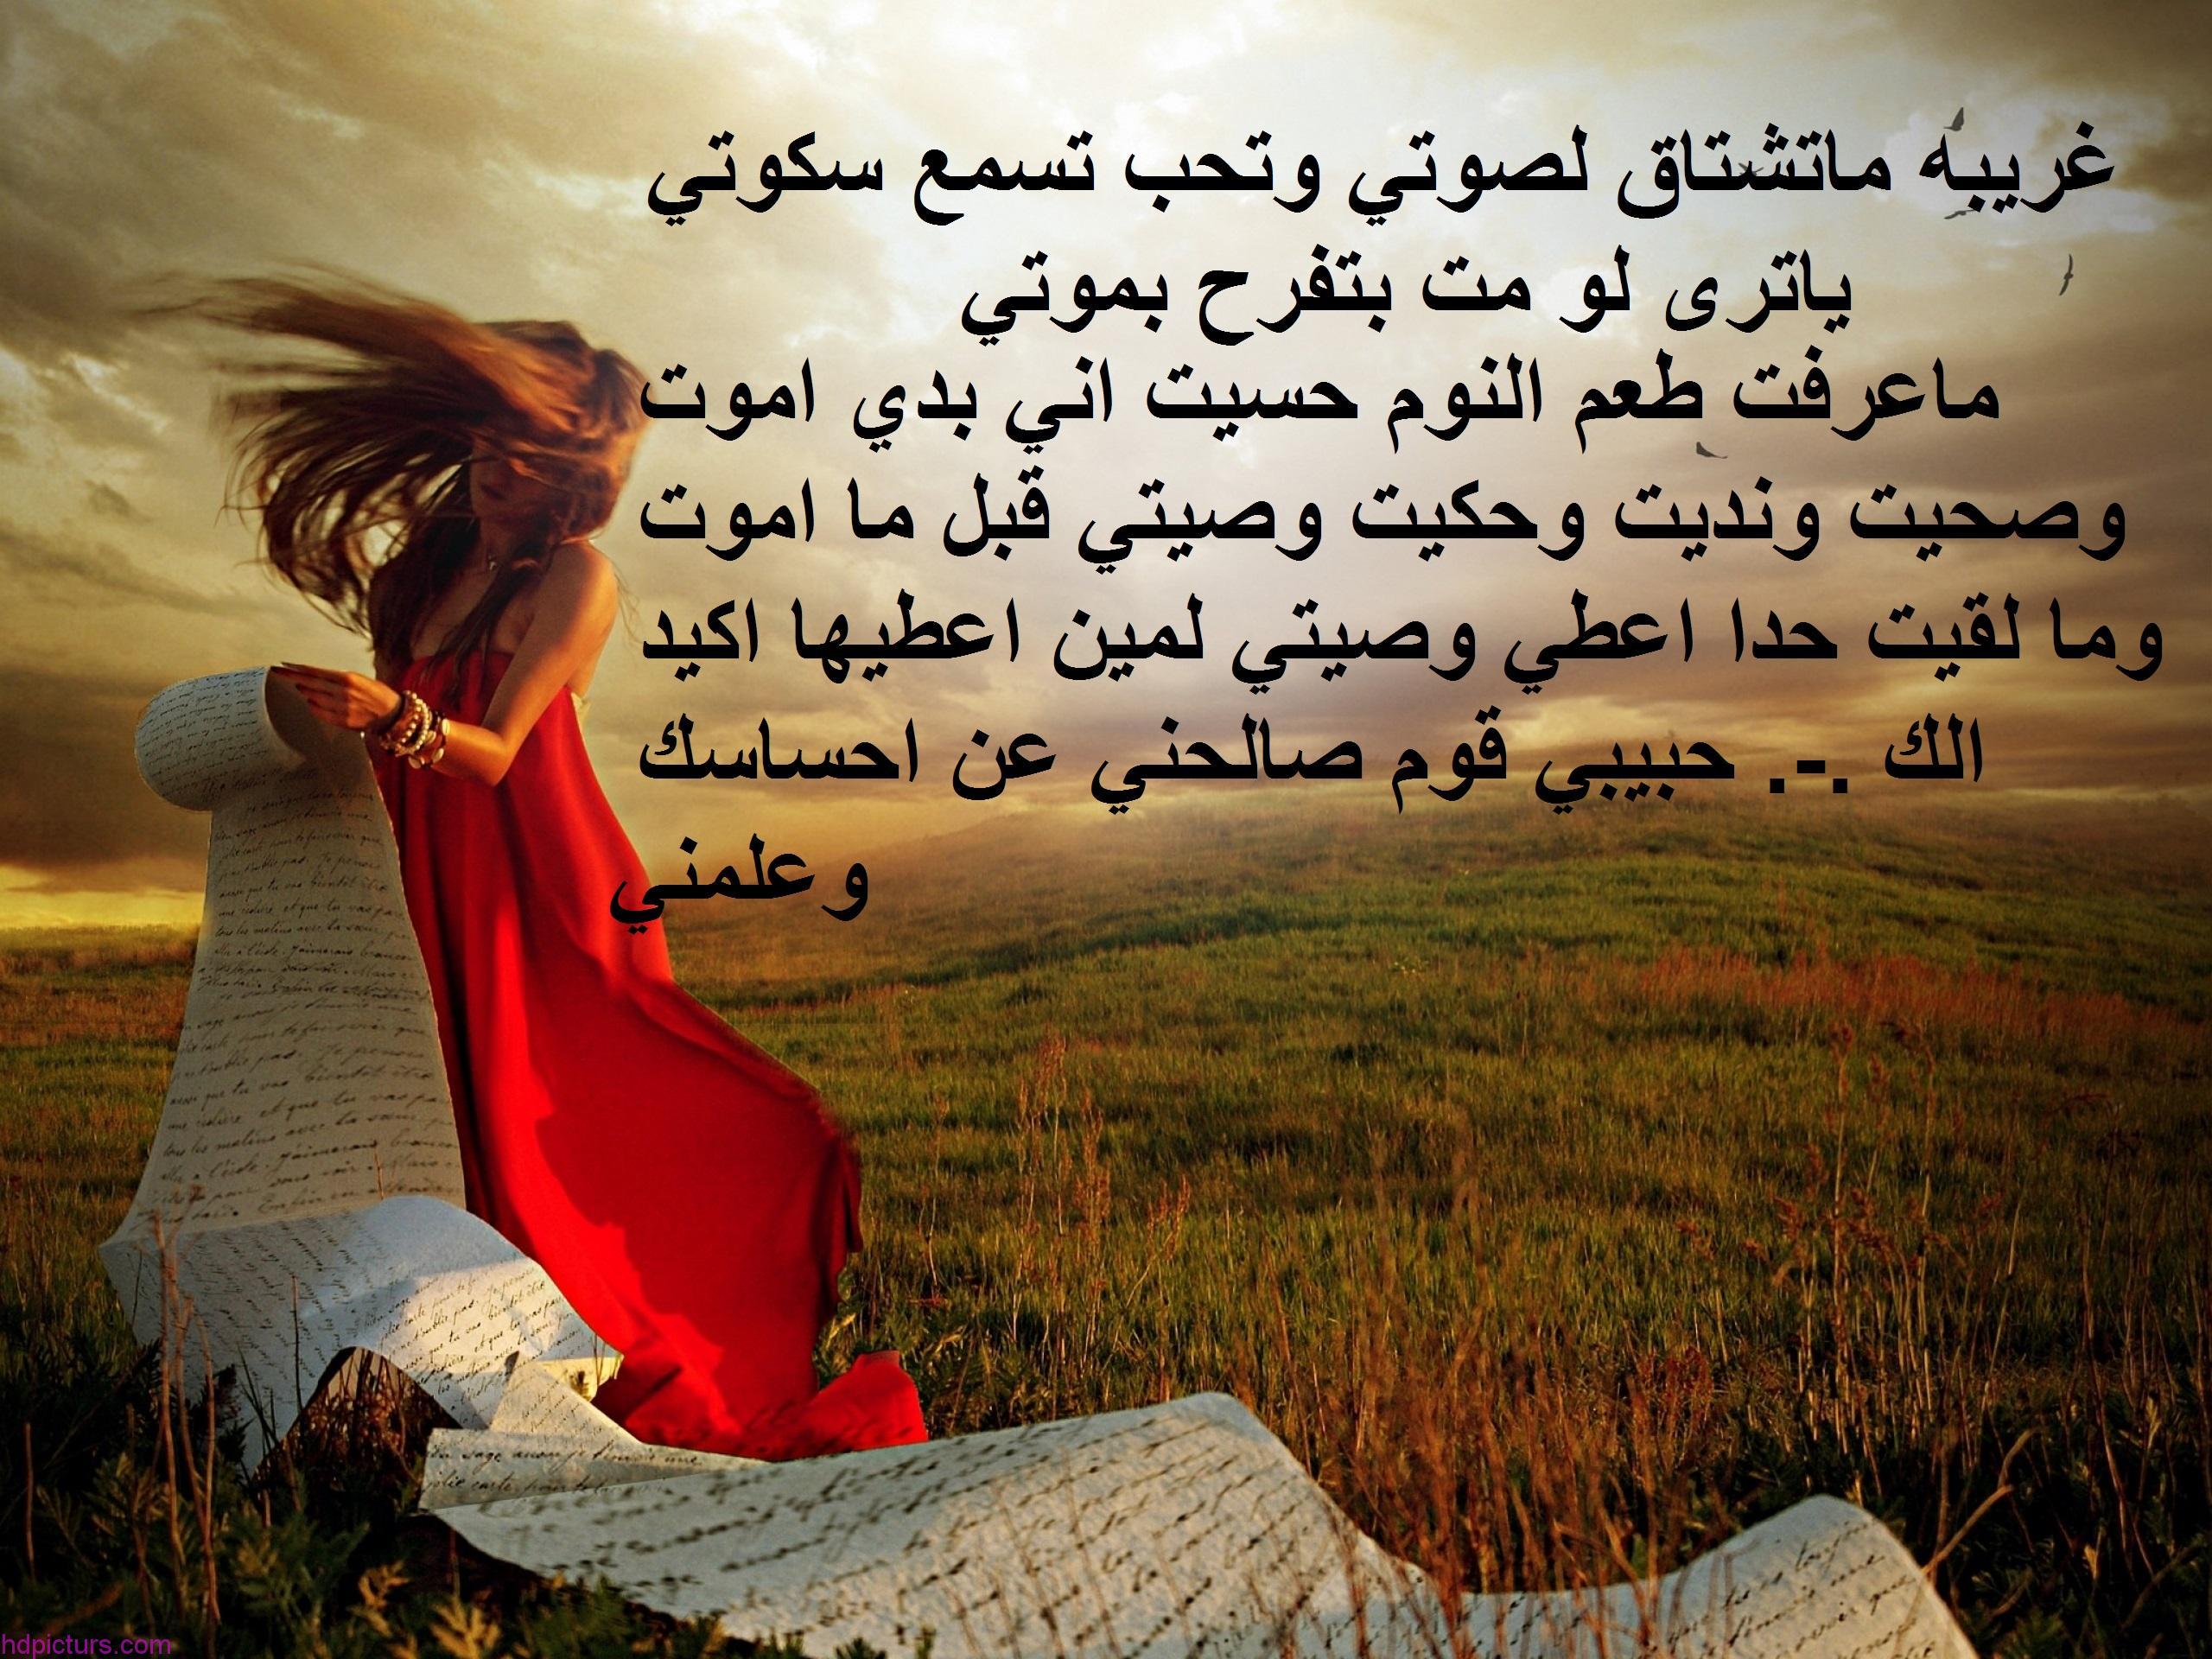 صورة كلام زعل وفراق , اصعب انواع الحزن هو الفراق